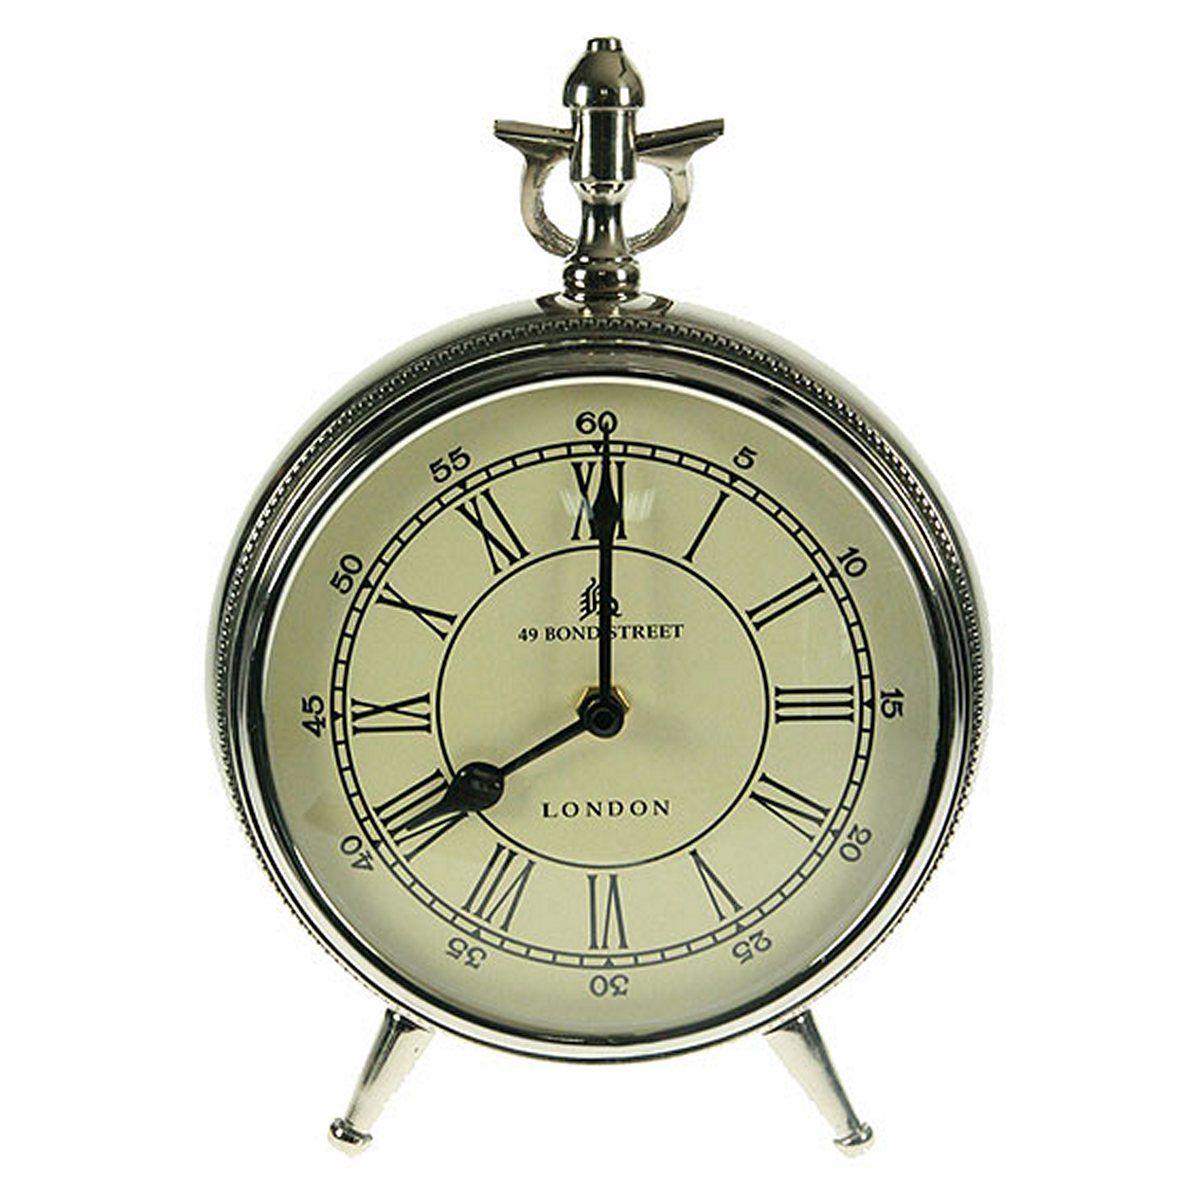 Часы настольные Русские Подарки, 18 х 11 х 24 см. 3582235822Настольные кварцевые часы Русские Подарки изготовлены из металла, циферблат защищен стеклом. Часы имеют две стрелки - часовую и минутную. Такие часы красиво и необычно оформят интерьер дома или рабочий стол в офисе. Также часы могут стать уникальным, полезным подарком для родственников, коллег, знакомых и близких.